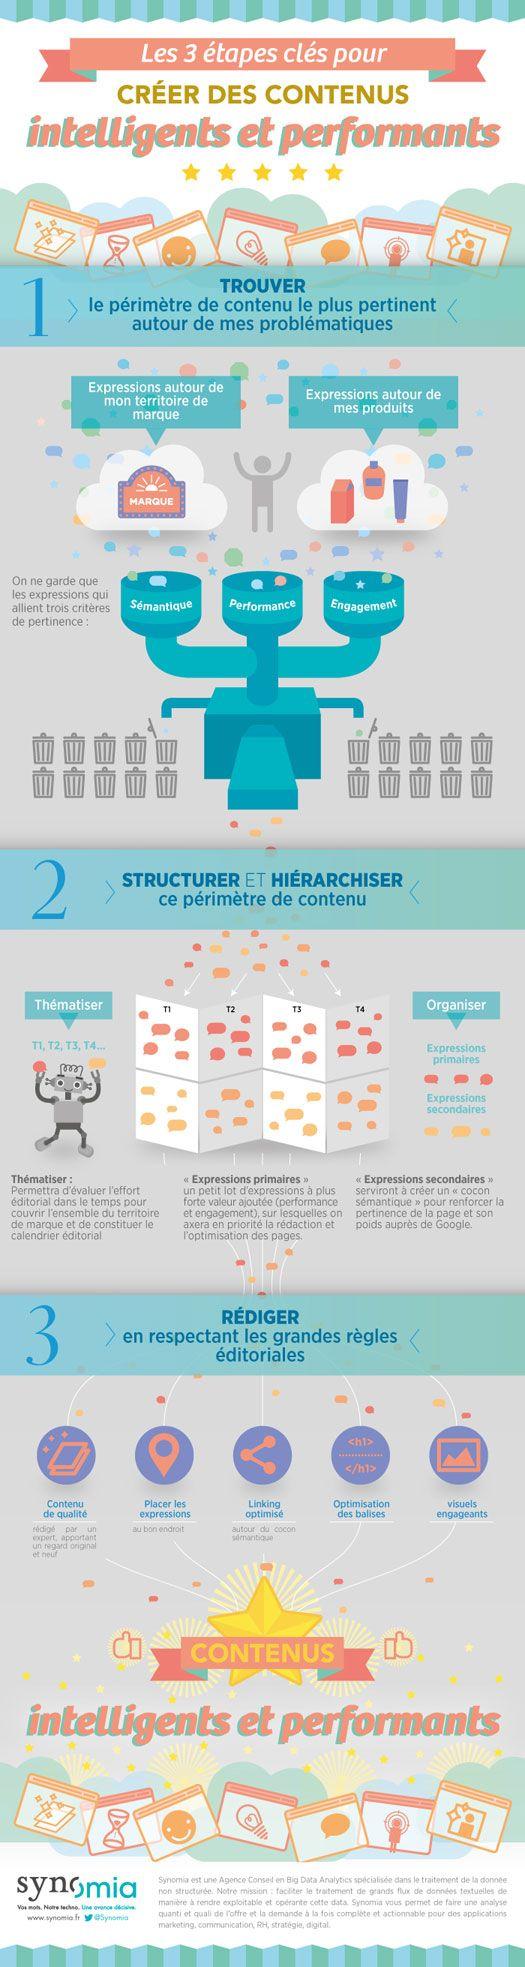 Synomia, dans son blog, nous livre une infographie très détaillée sur la façon de créer des contenus Web intelligents et performants. Une infographie pour nous montrer qu'il est primordial de proposer des contenus bien rédigés et bien structurés dans ses pages Web...